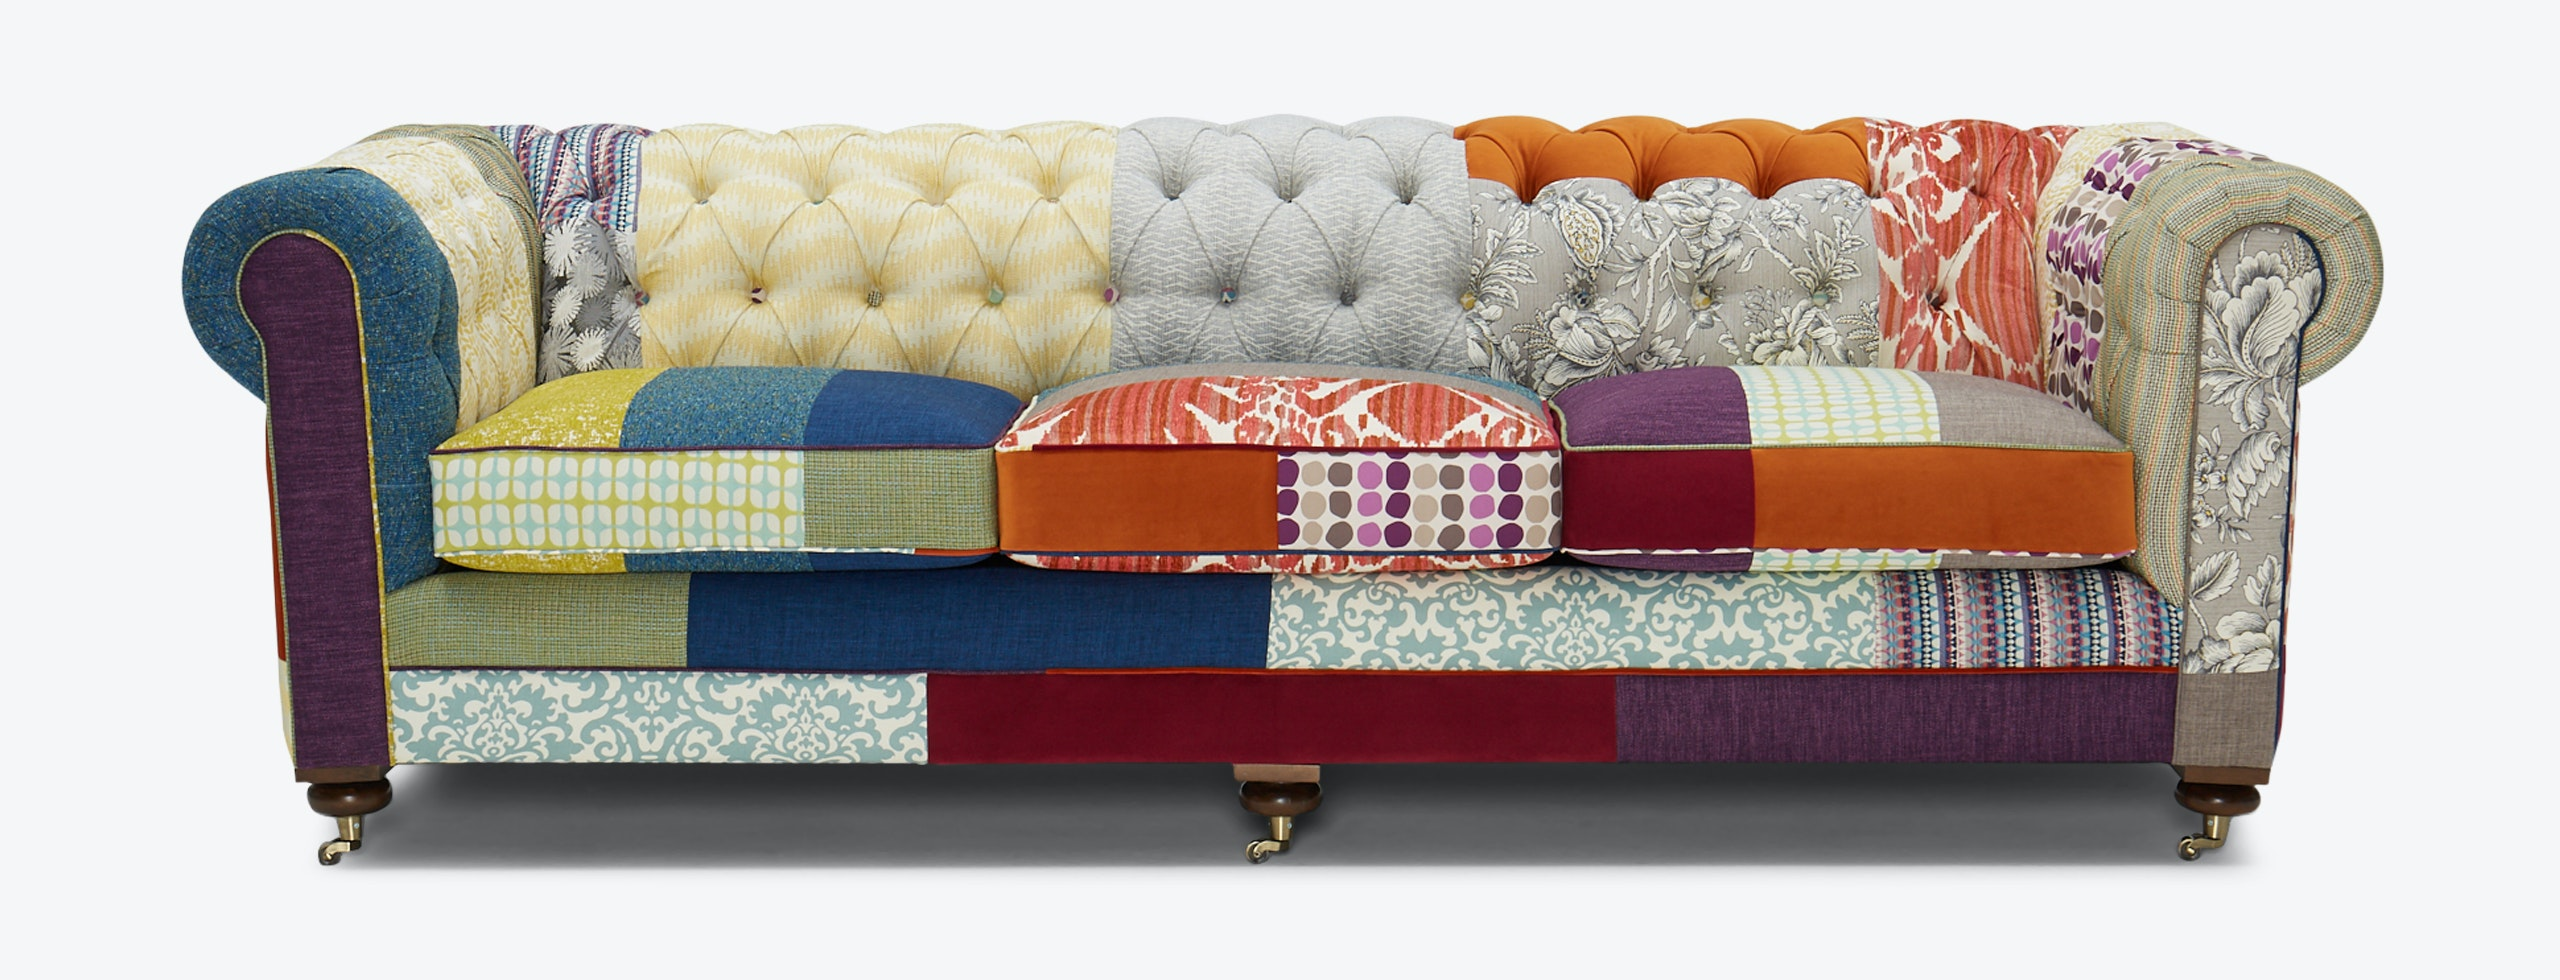 Liam Patchwork Sofa Brooklyn Edition Joybird